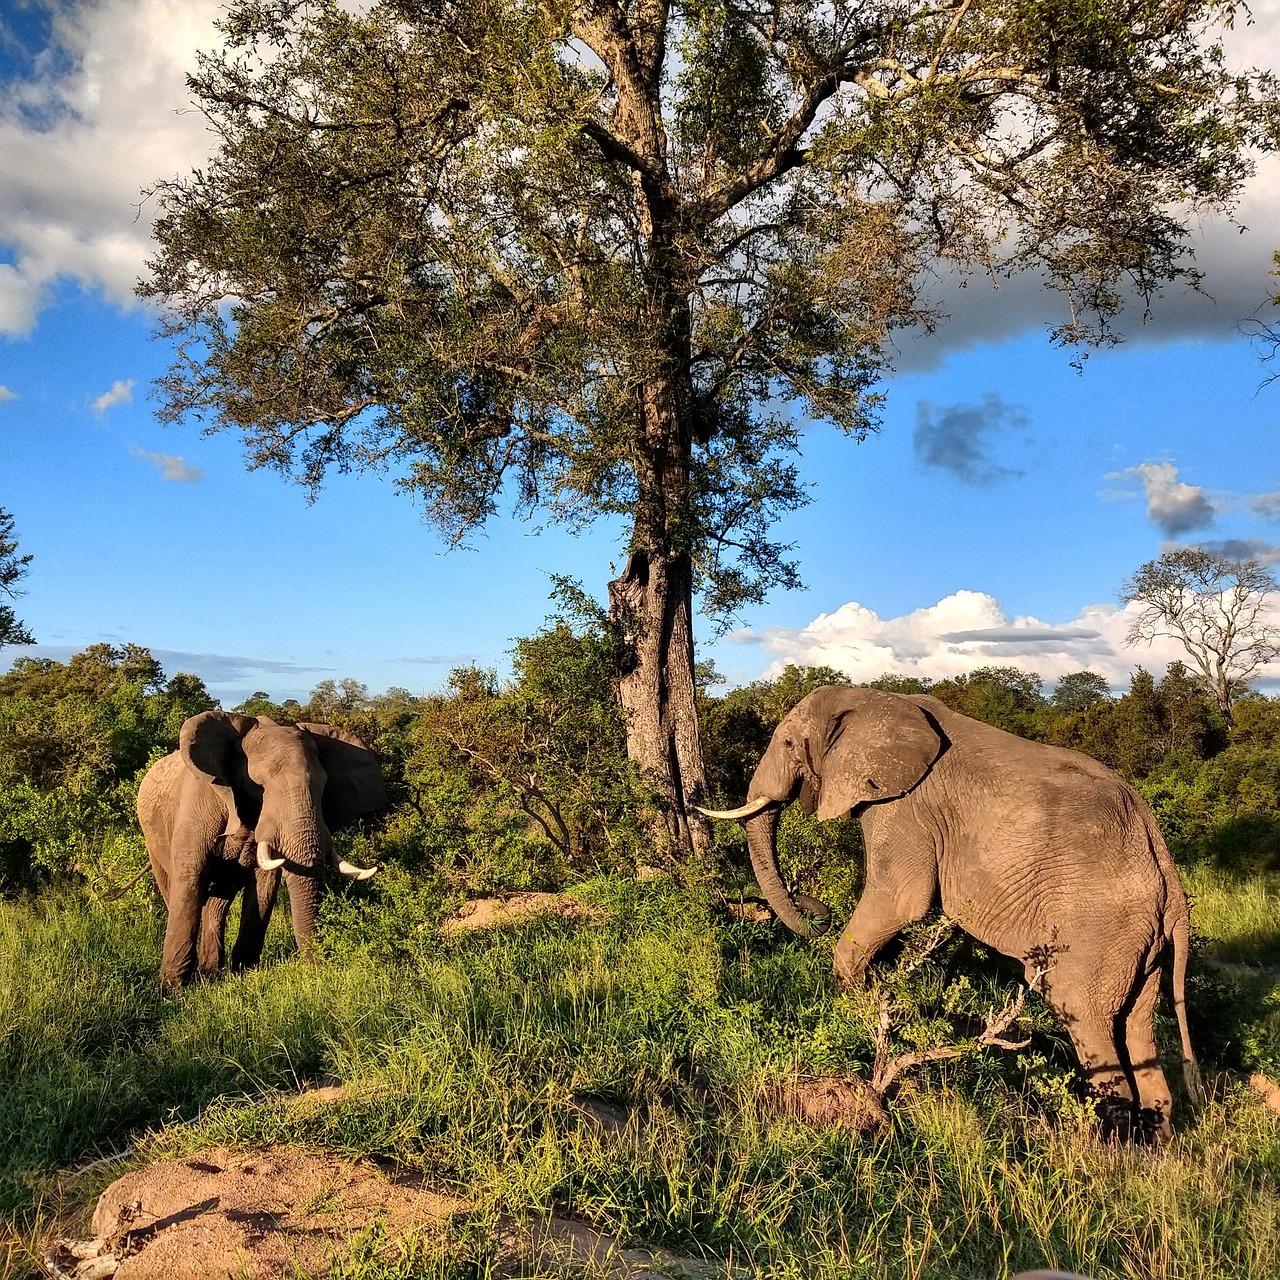 обитатели и природа в африке фото карандашом турции загрузили